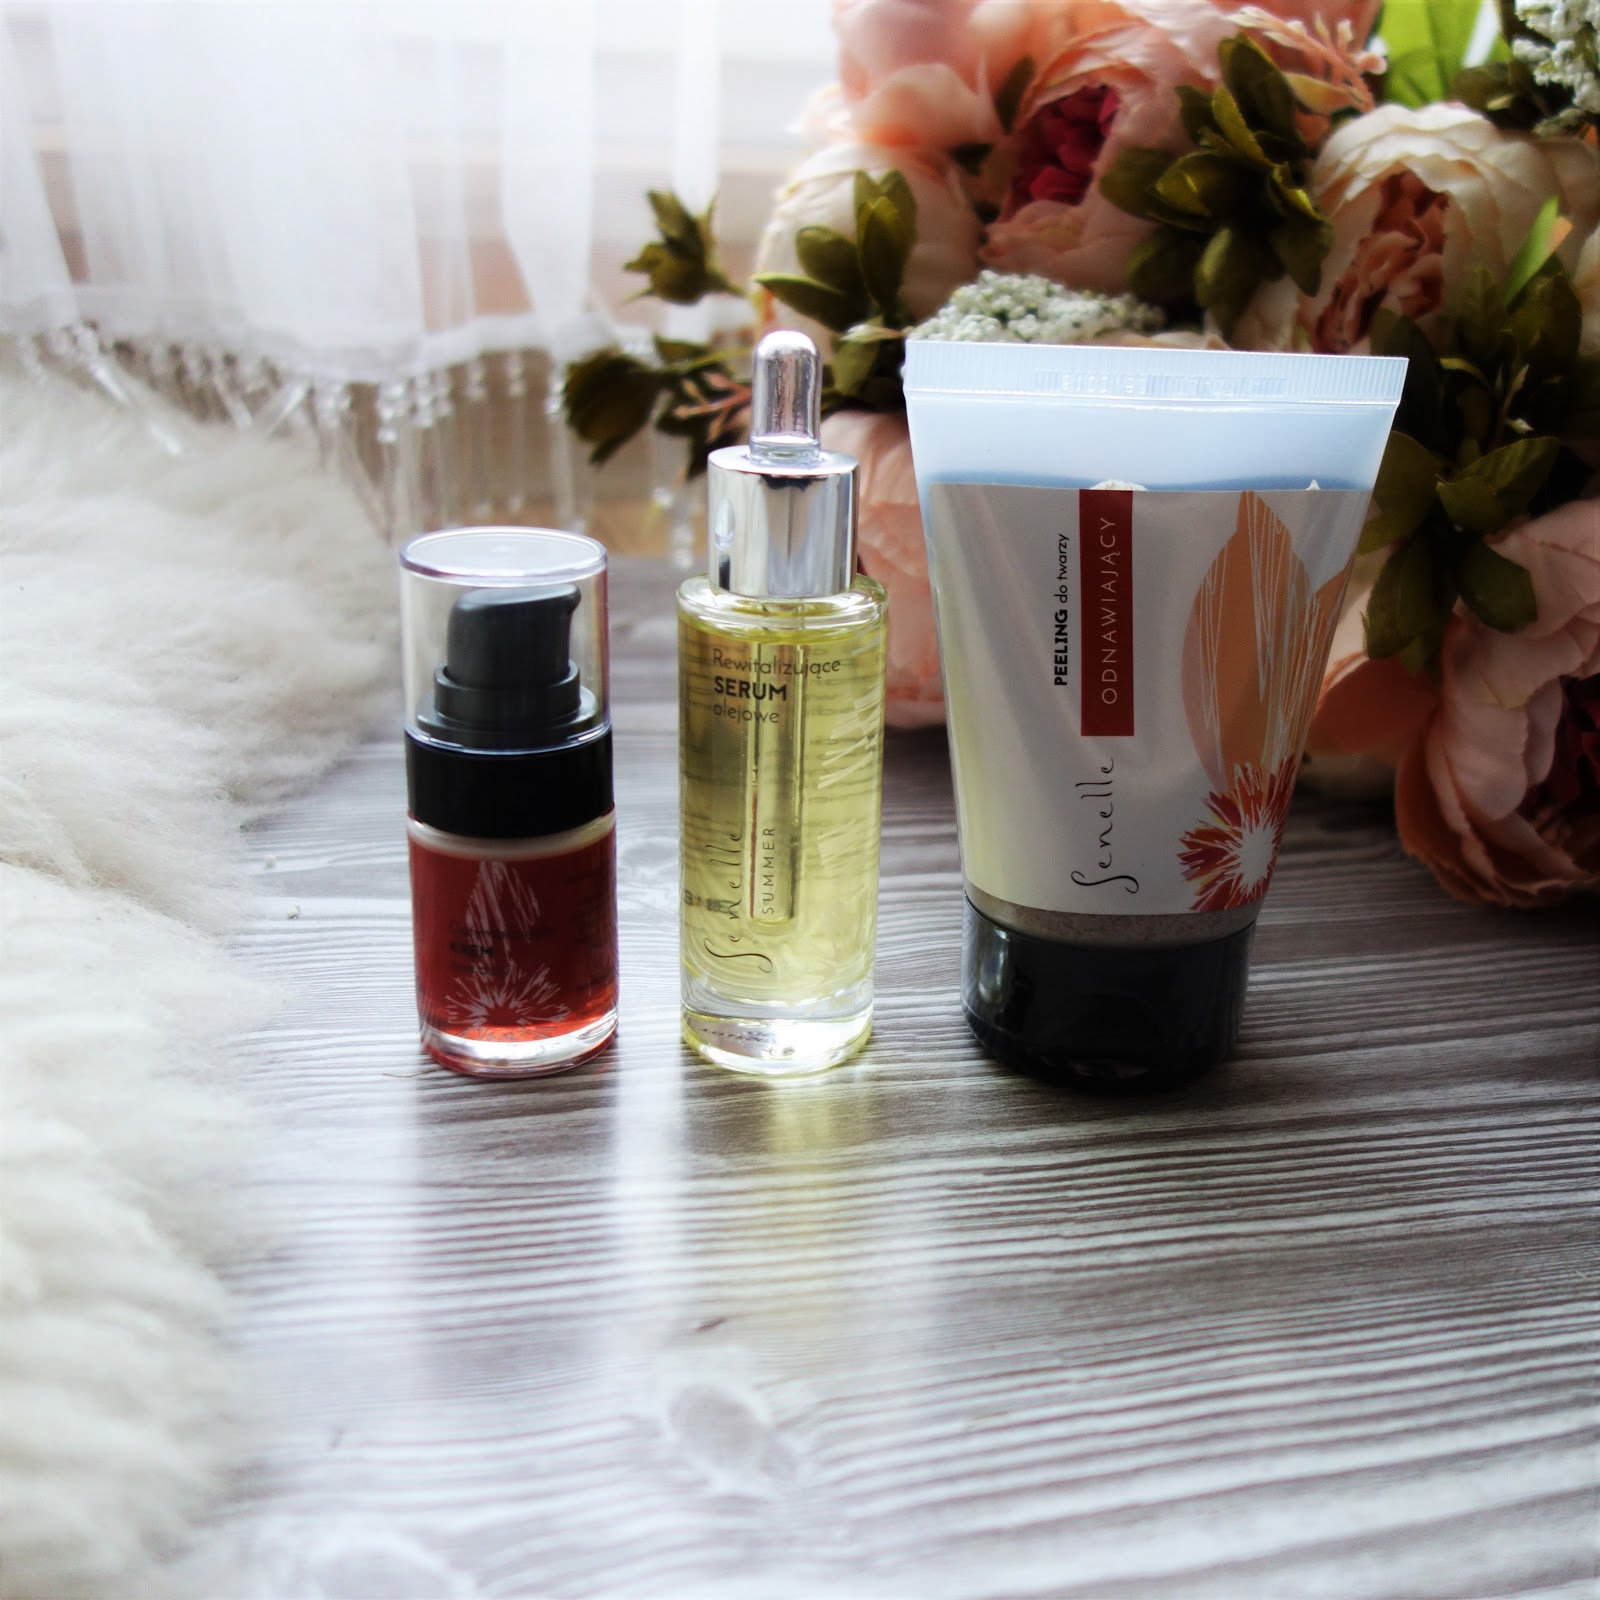 Senelle Cosmetics